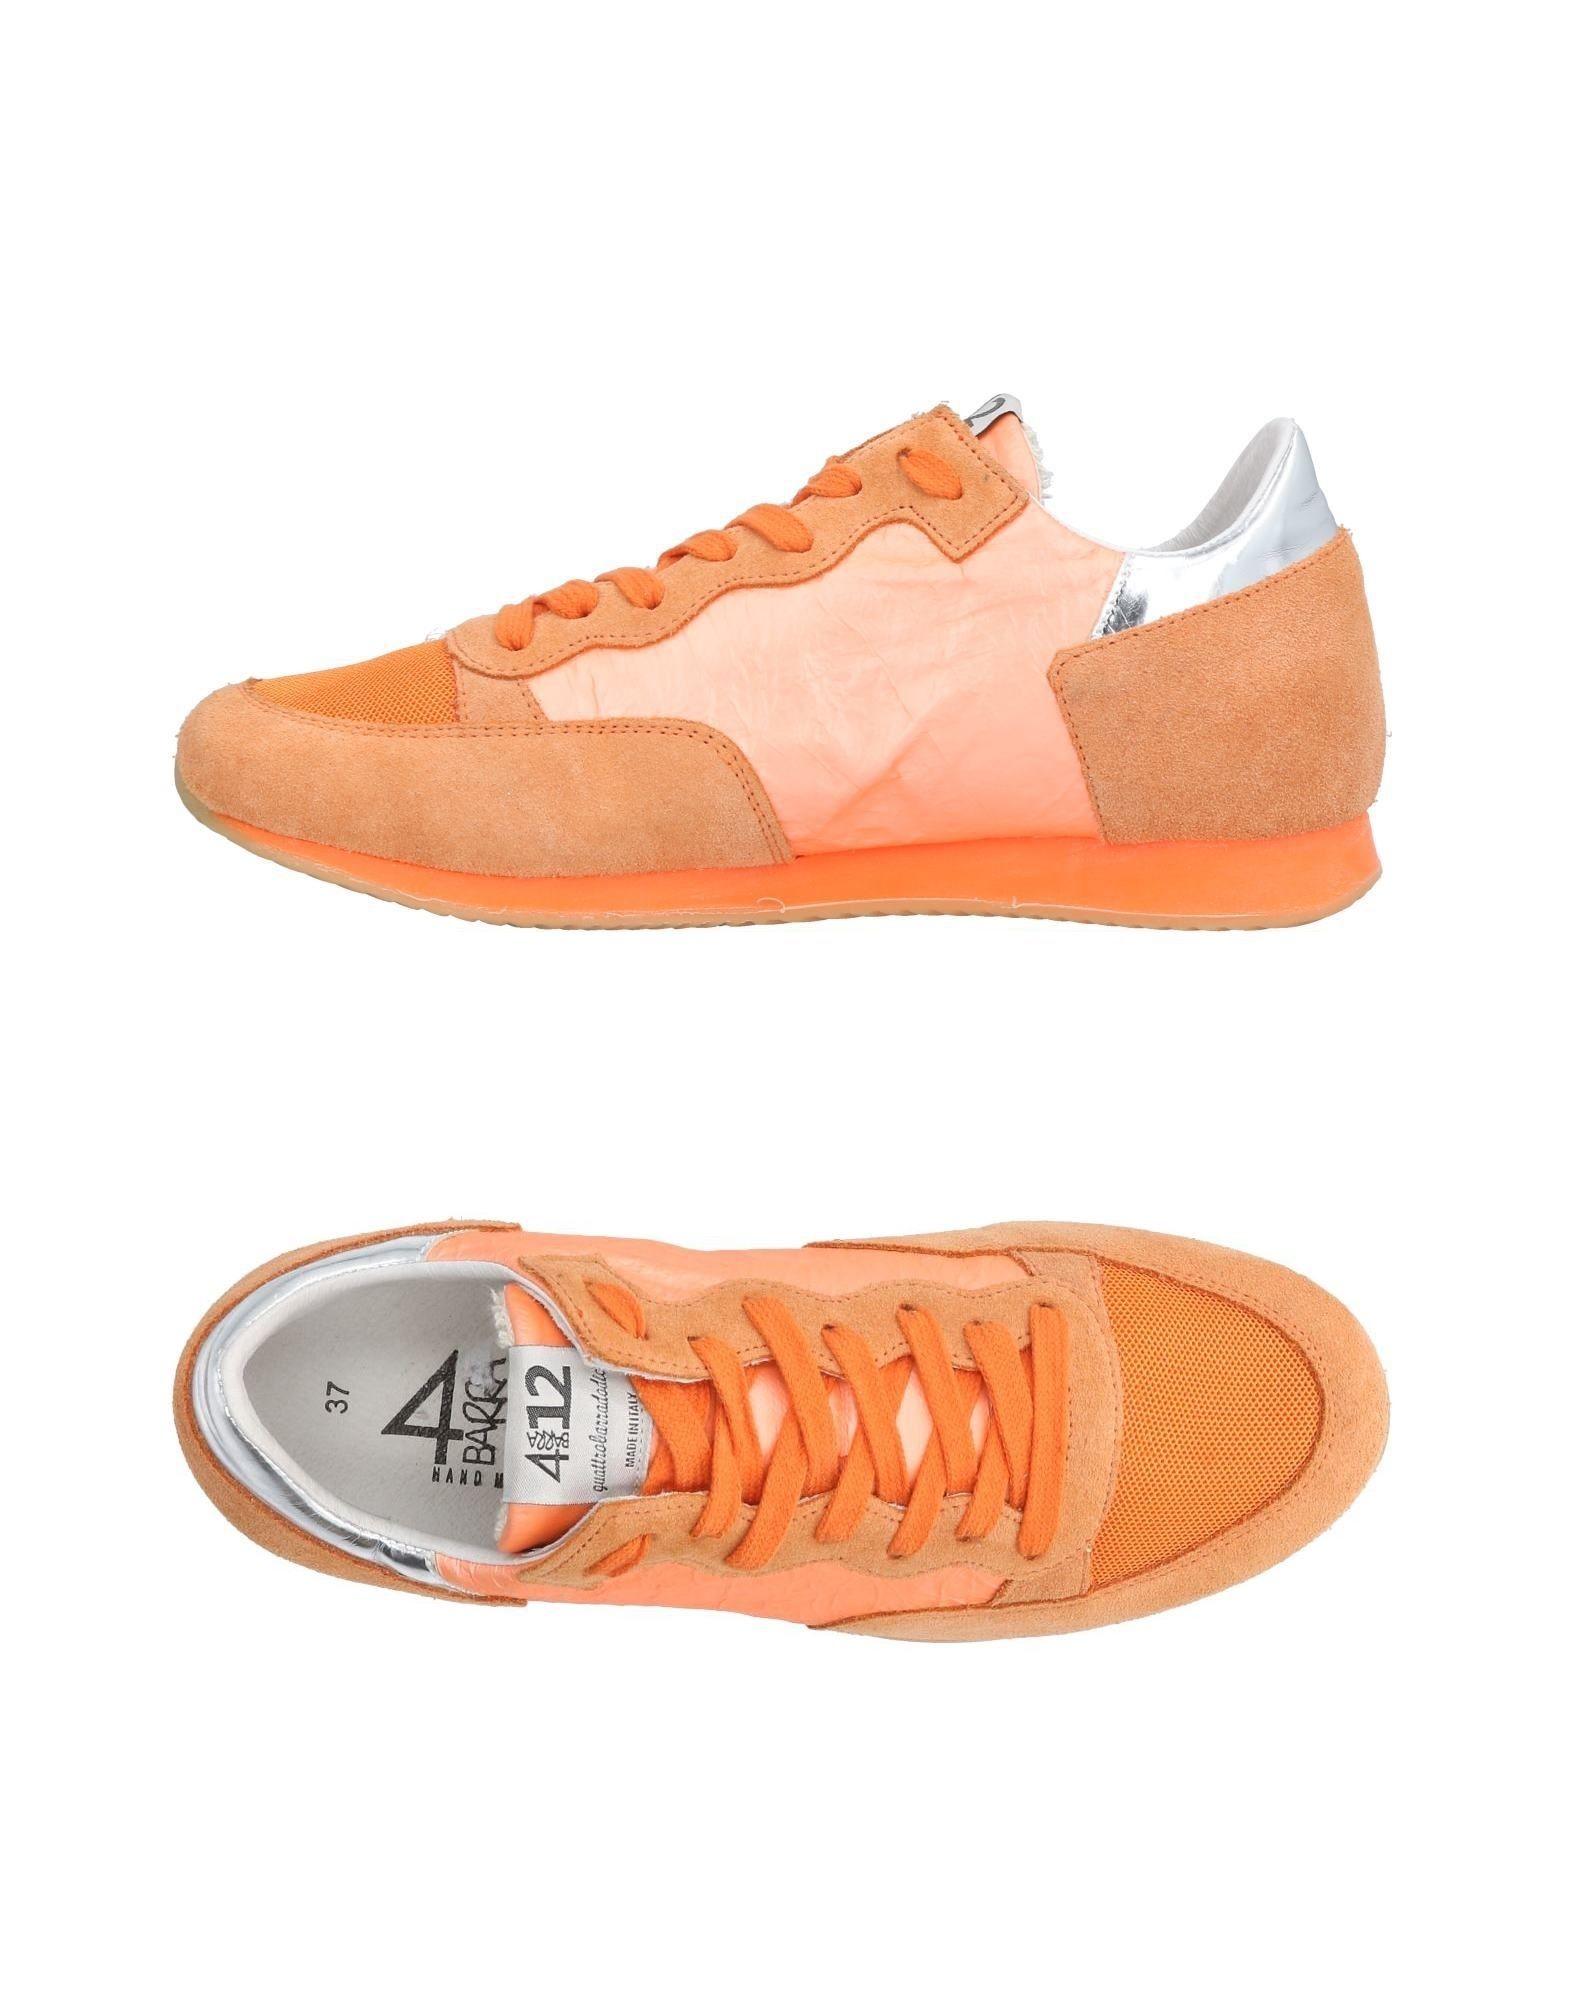 Scarpe economiche e resistenti Sneakers Quattrobarradodici Donna - 11434557KO